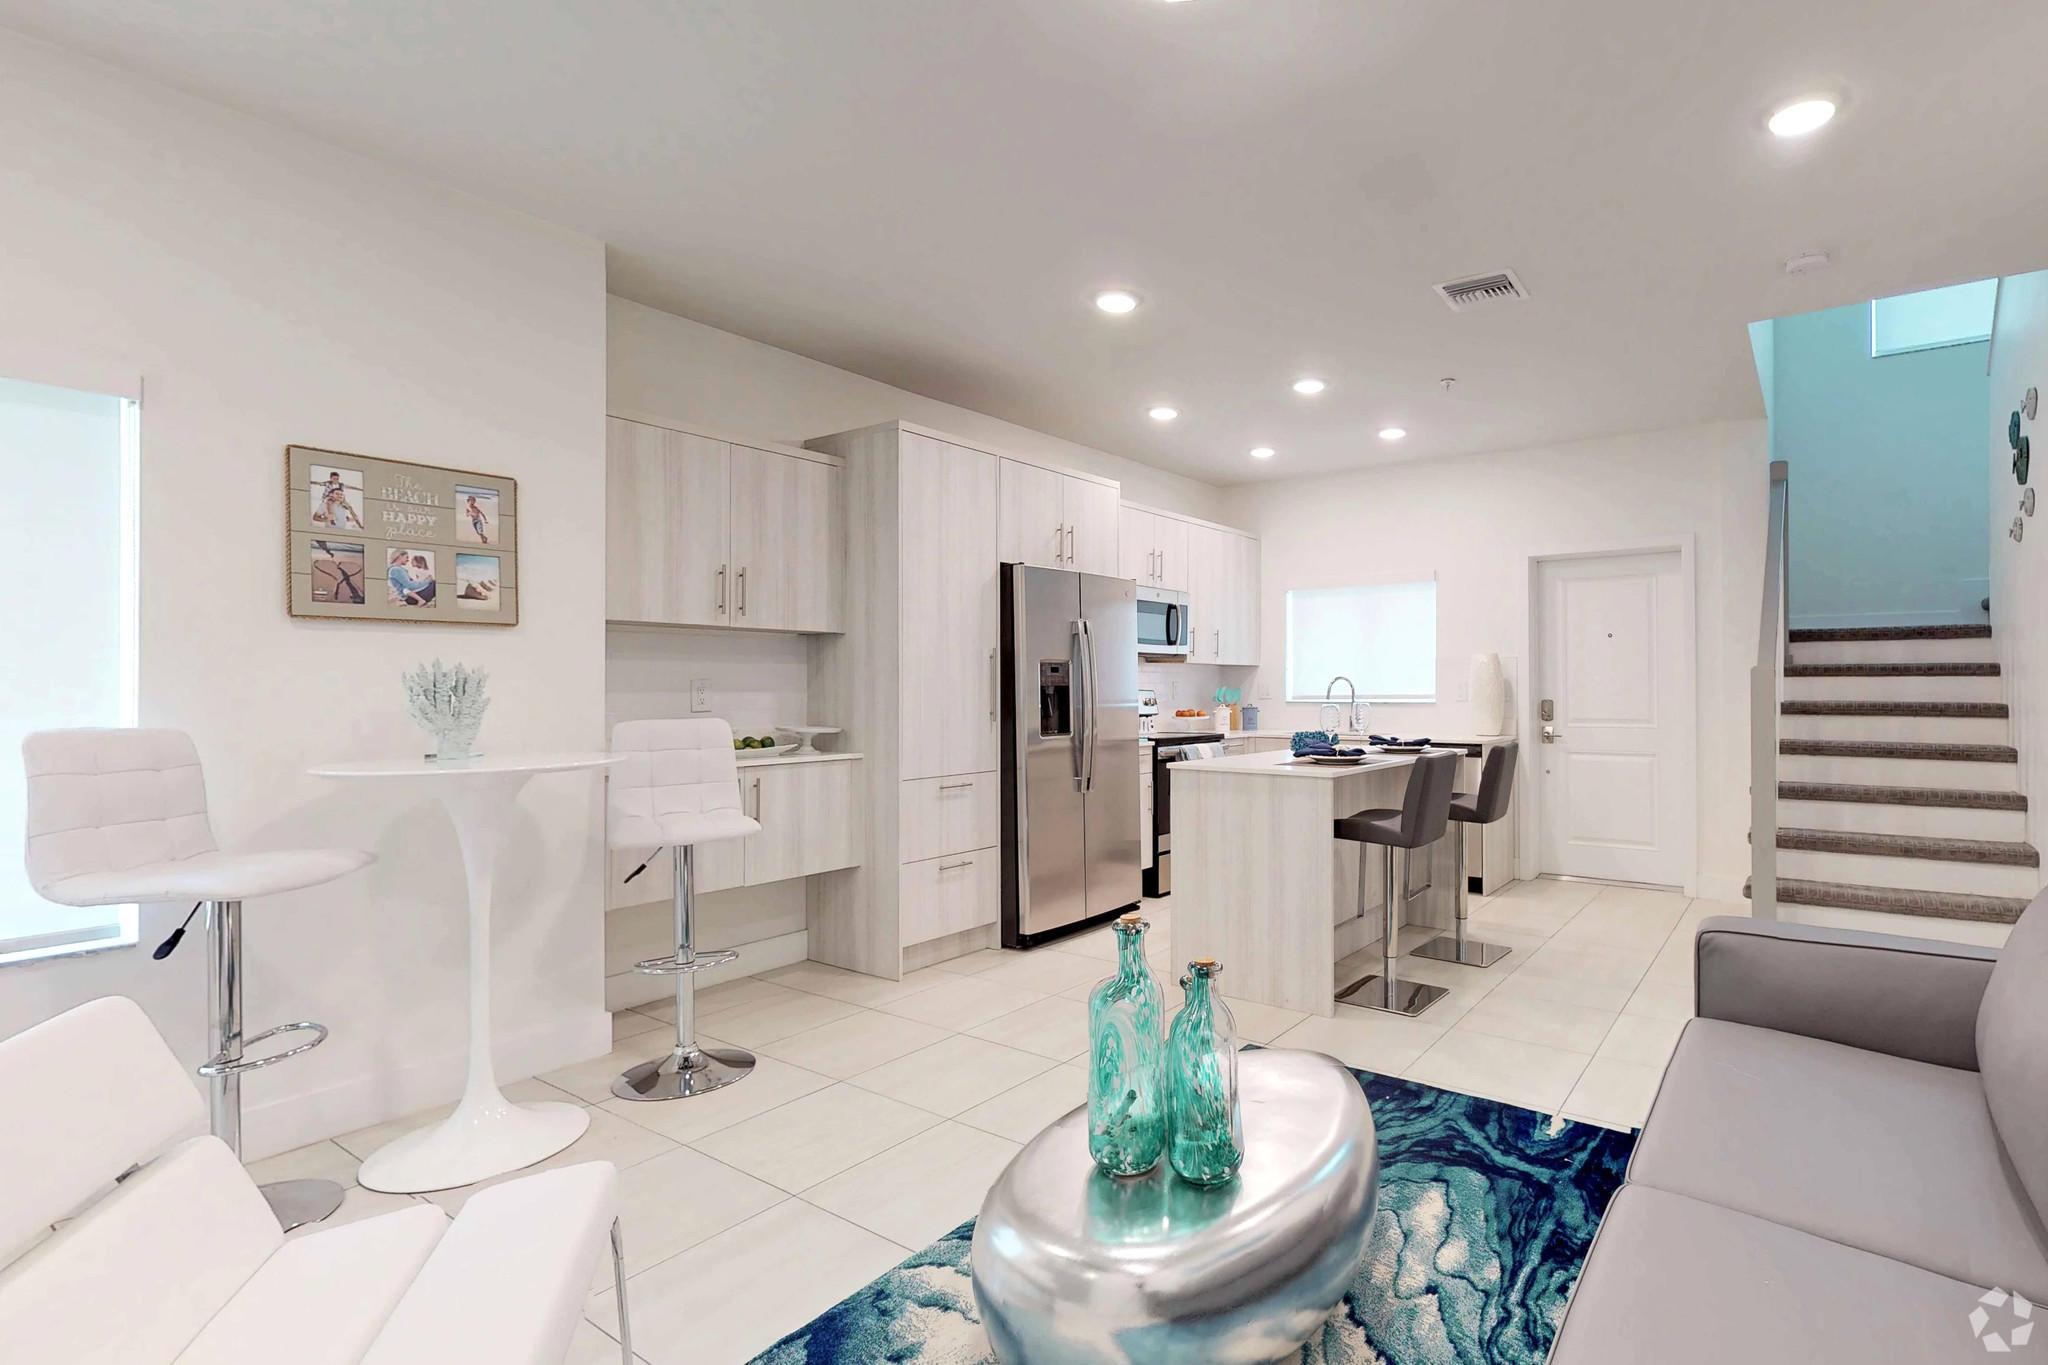 3884 Melaleuca Lane, Lake Worth, Florida 33461, 3 Bedrooms Bedrooms, ,3 BathroomsBathrooms,Rental,For Rent,Melaleuca,RX-10682448